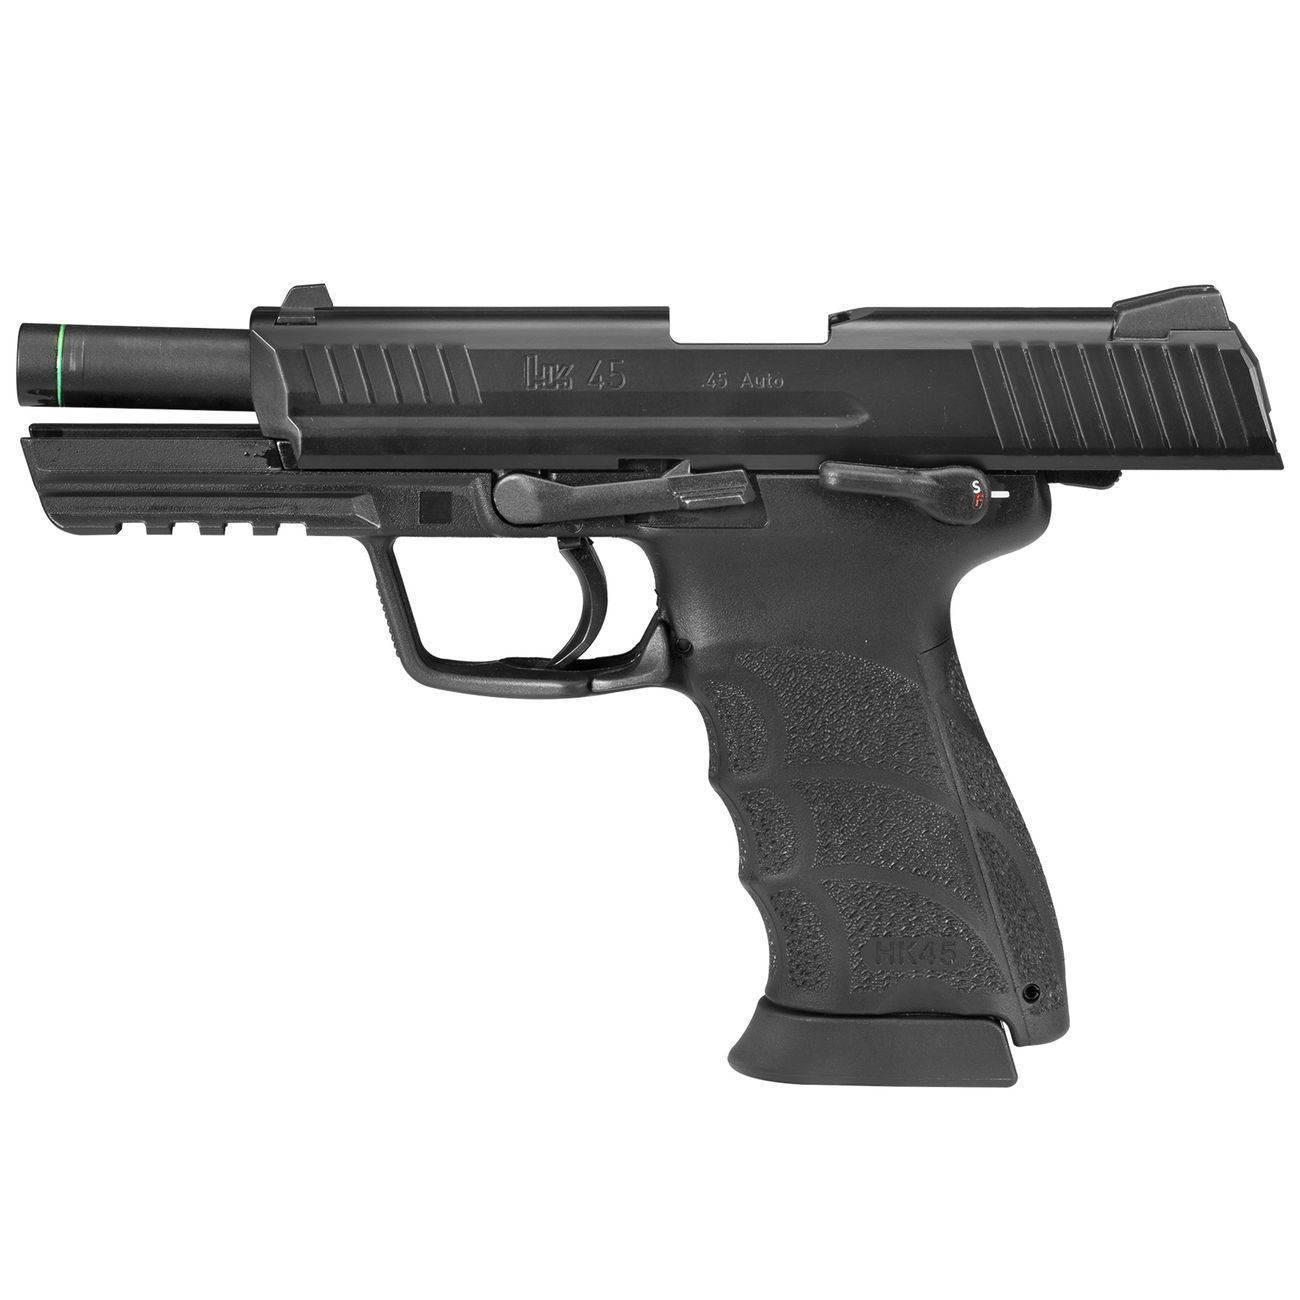 Пистолет usp – триумф новаторов из германии. технические характеристики пистолета heckler&koch usp